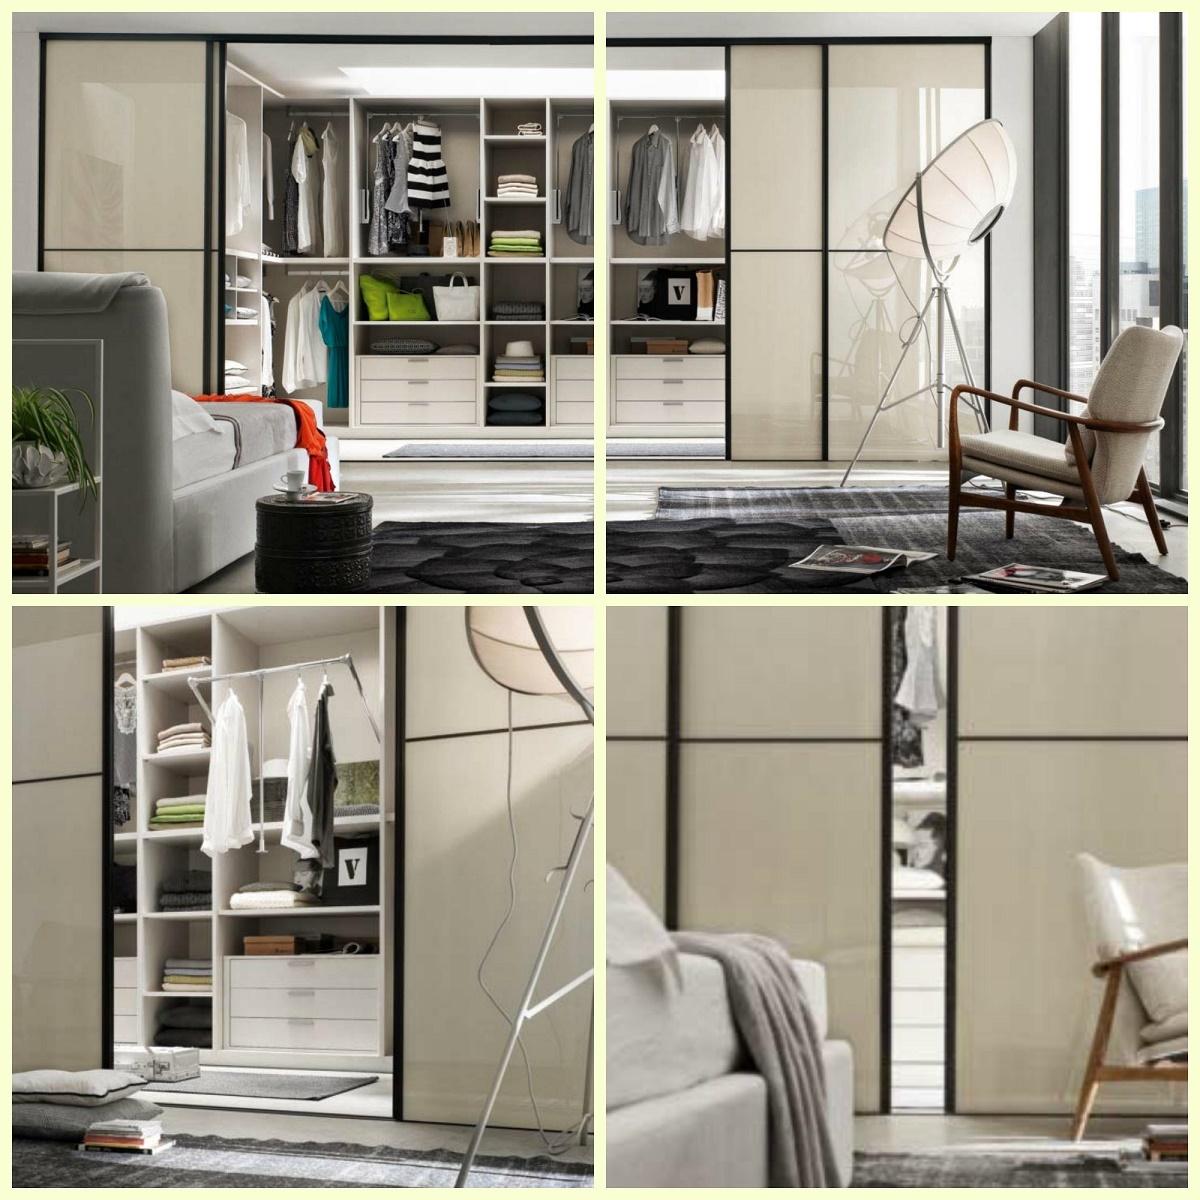 Porte scorrevoli moderne in vetro e alluminio su misura for Porte scorrevoli arredo